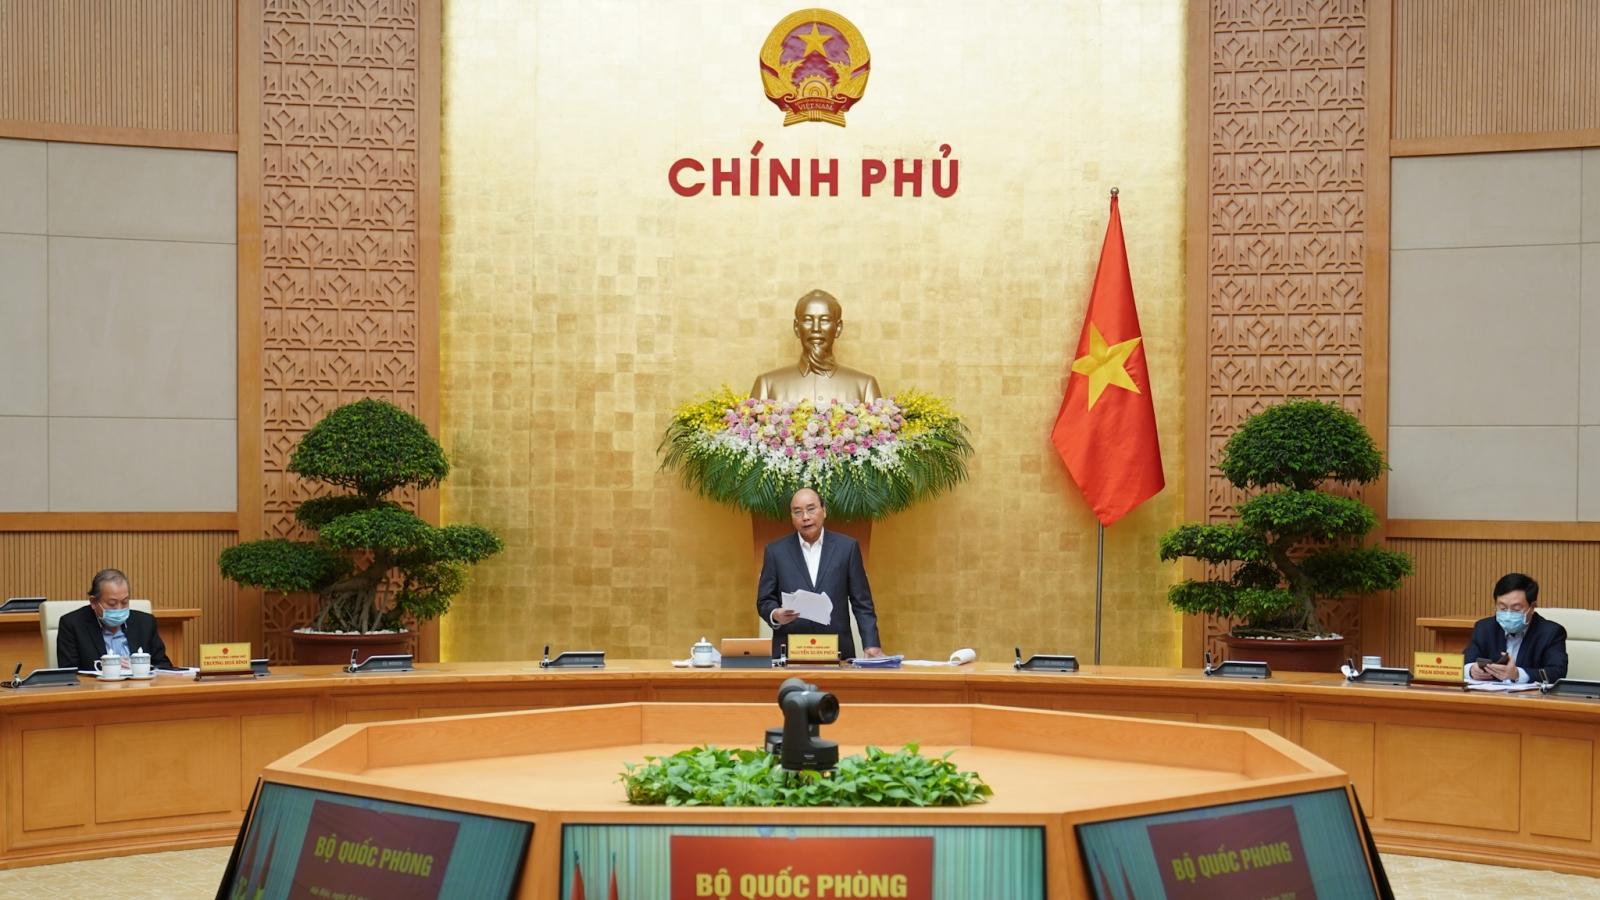 Thủ tướng Nguyễn Xuân Phúc: Phải thúc đẩy vai trò đổi mới sáng tạo của kinh tế tư nhân